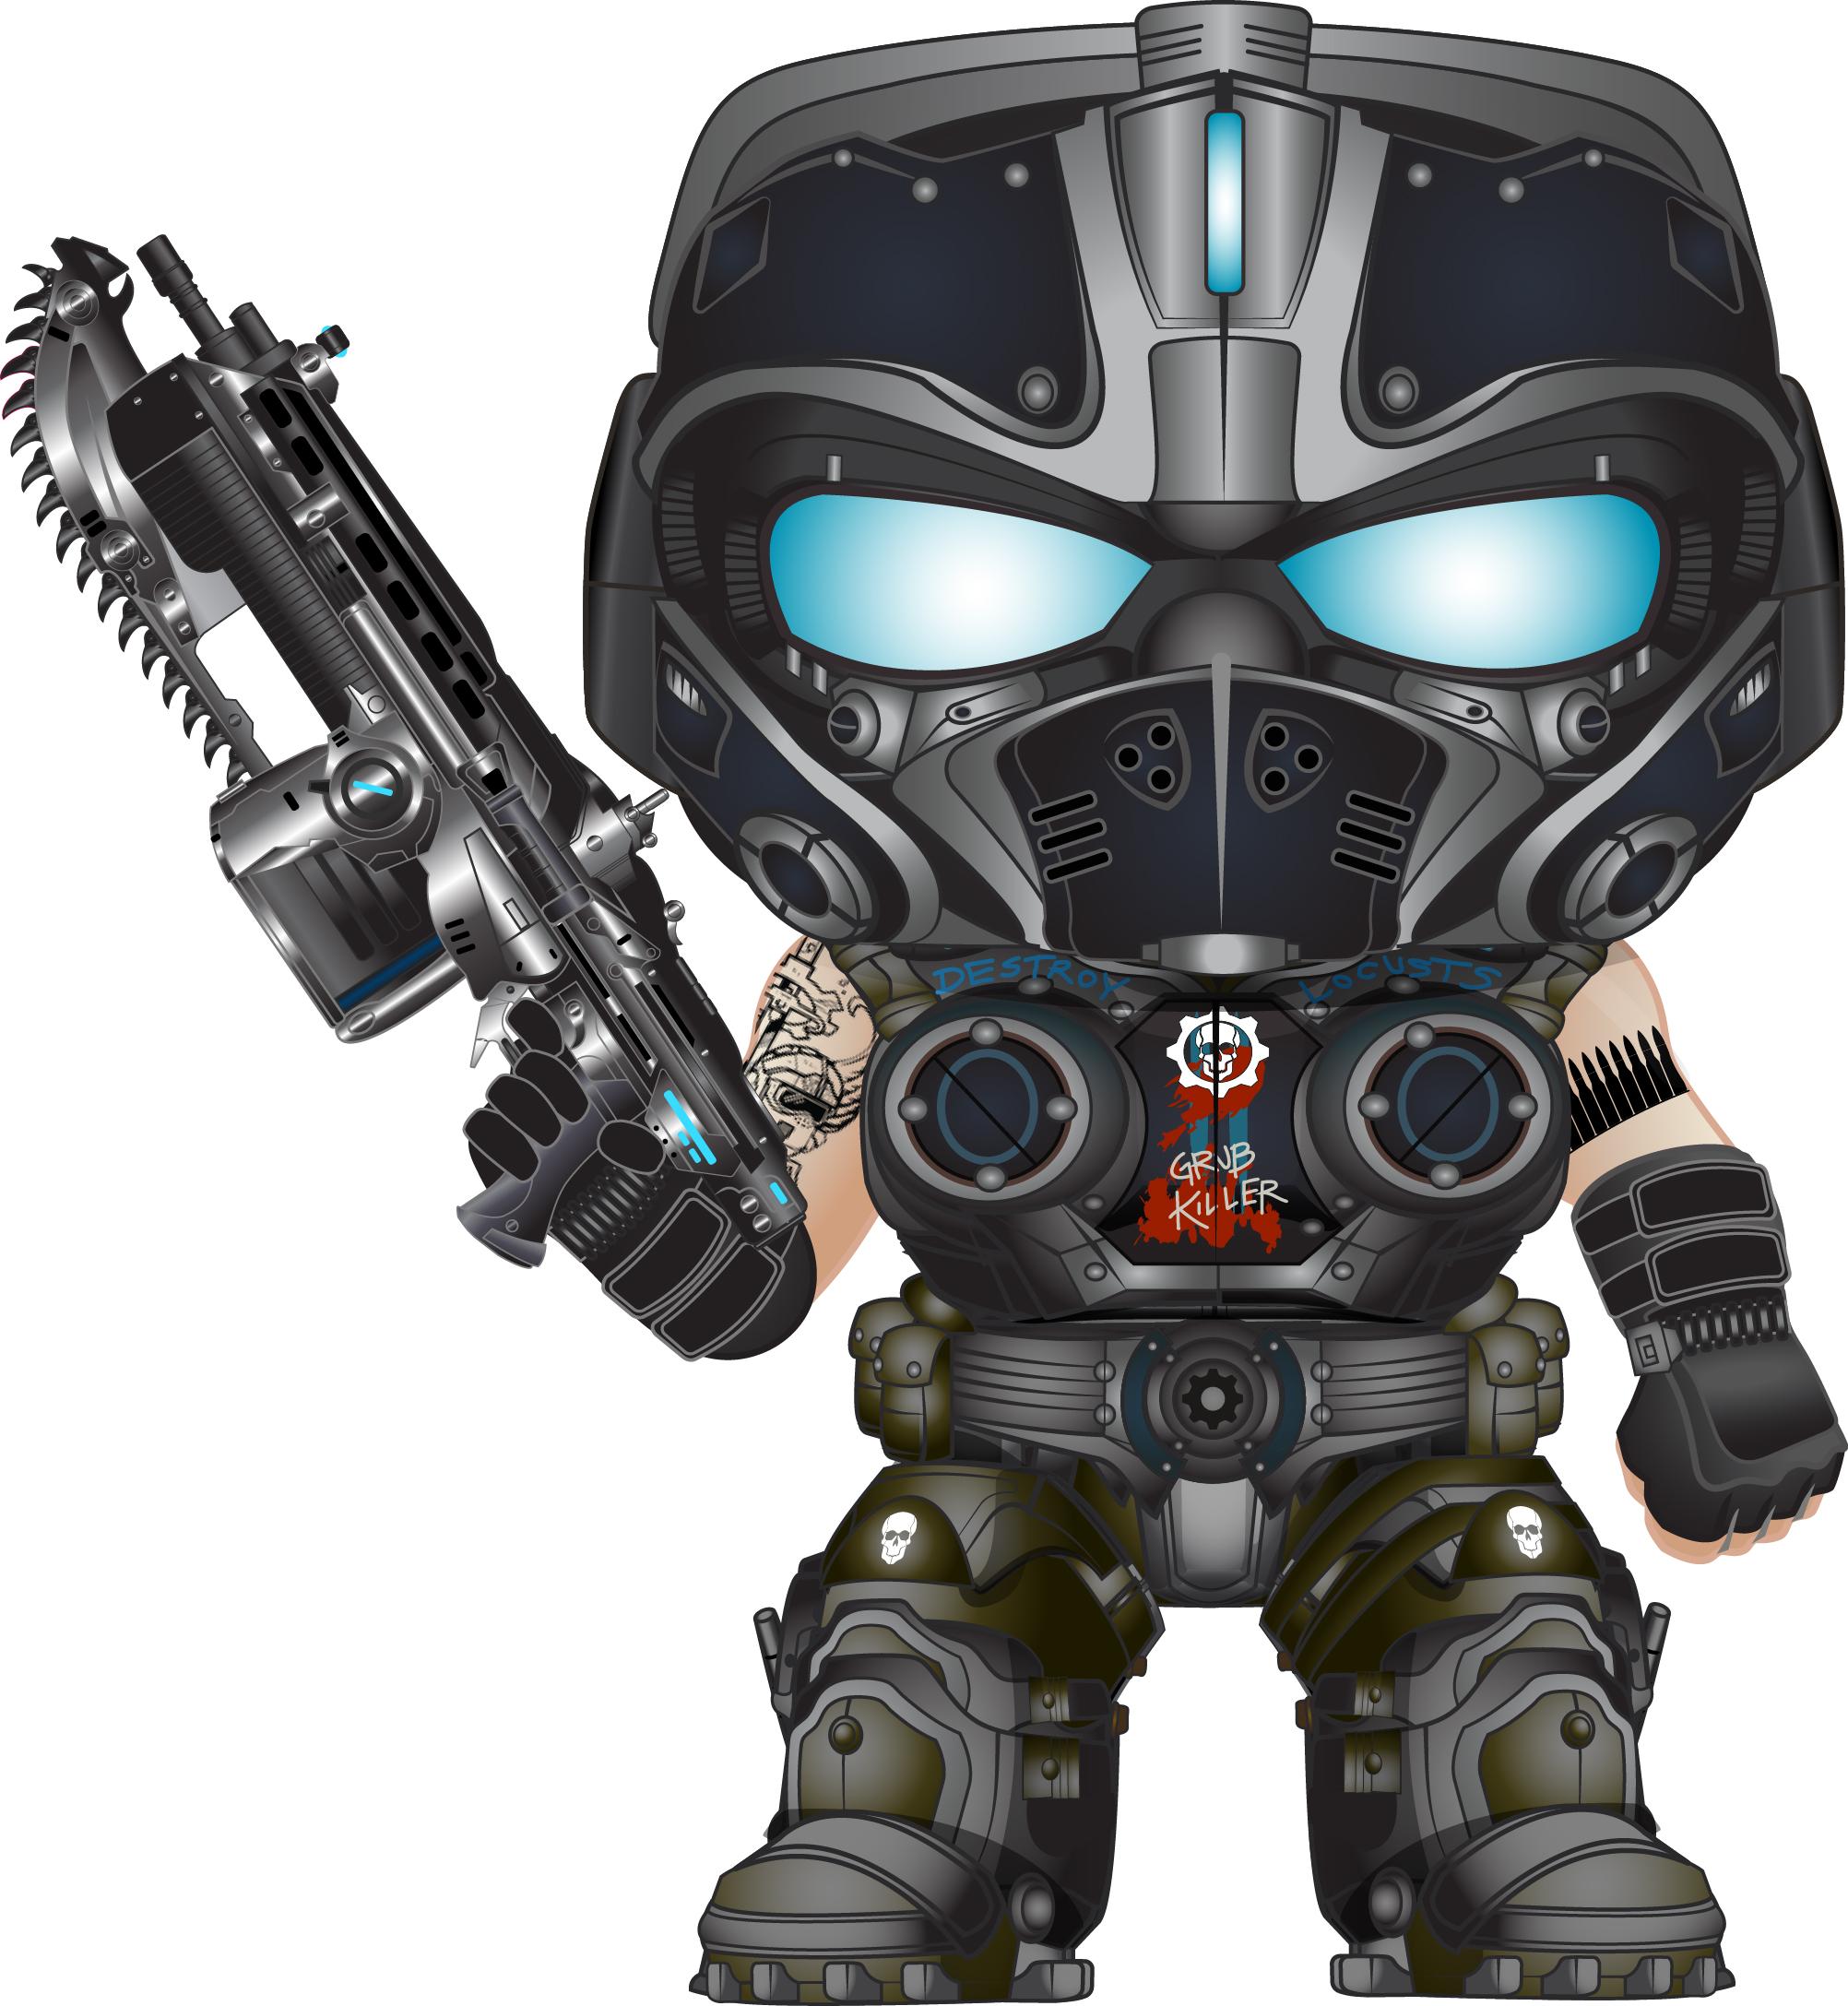 Del; HyperX CloudX Revolver G